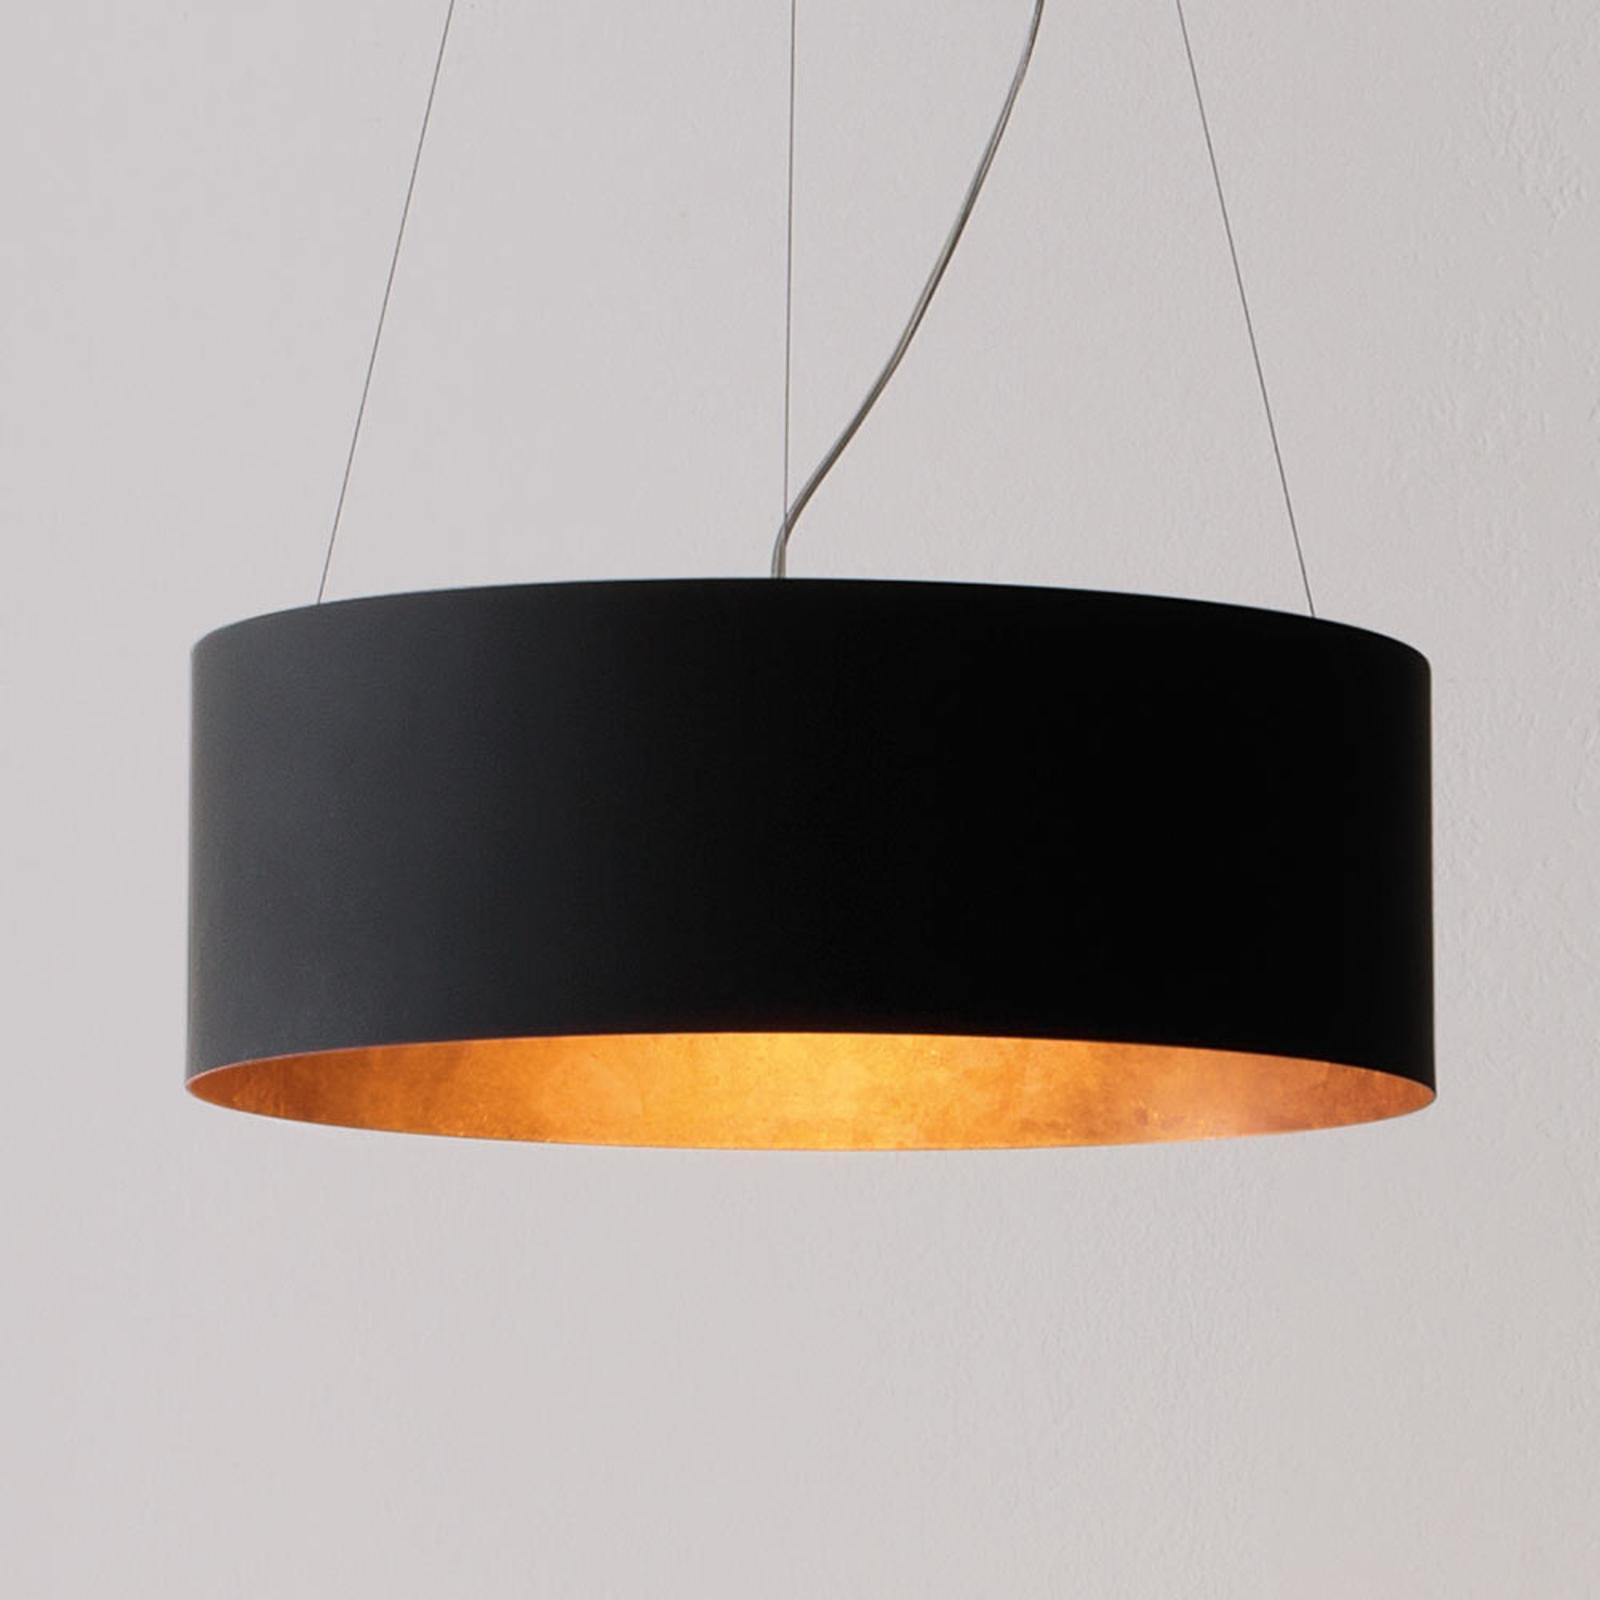 ICONE Olimpia LED-Hängeleuchte, schwarz-kupfer